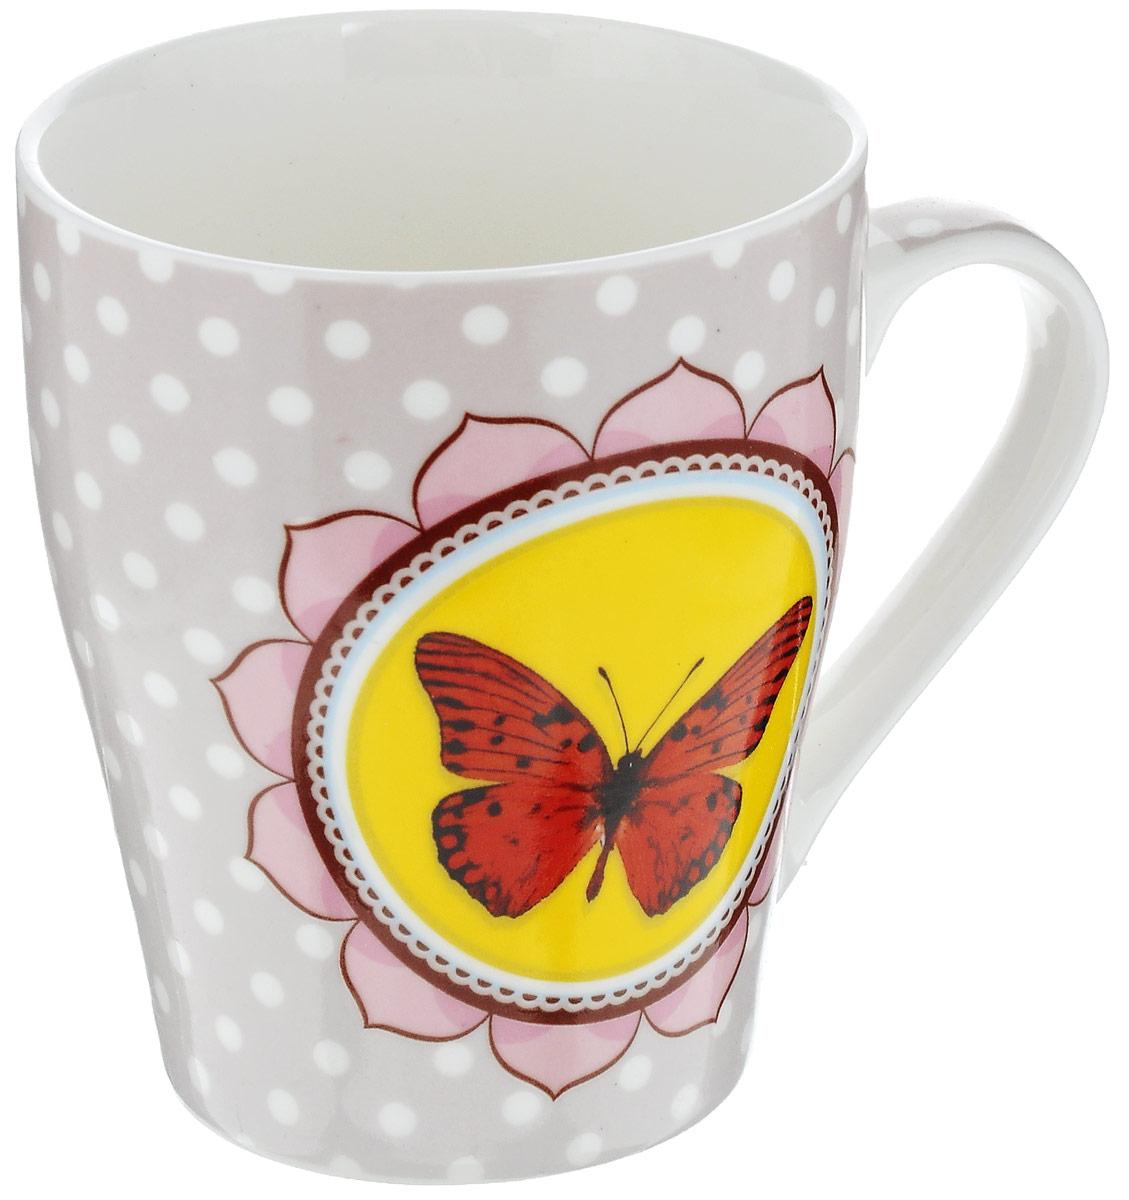 Кружка Loraine Бабочка, цвет: розовый, желтый, красный, 340 мл24453Оригинальная кружка Loraine Бабочка выполнена из высококачественного костяного фарфора и оформлена красочным рисунком. Она станет отличным дополнением к сервировке семейного стола и замечательным подарком для ваших родных и друзей.Объем кружки: 340 мл.Диаметр кружки (по верхнему краю): 8 см.Высота кружки: 10 см.